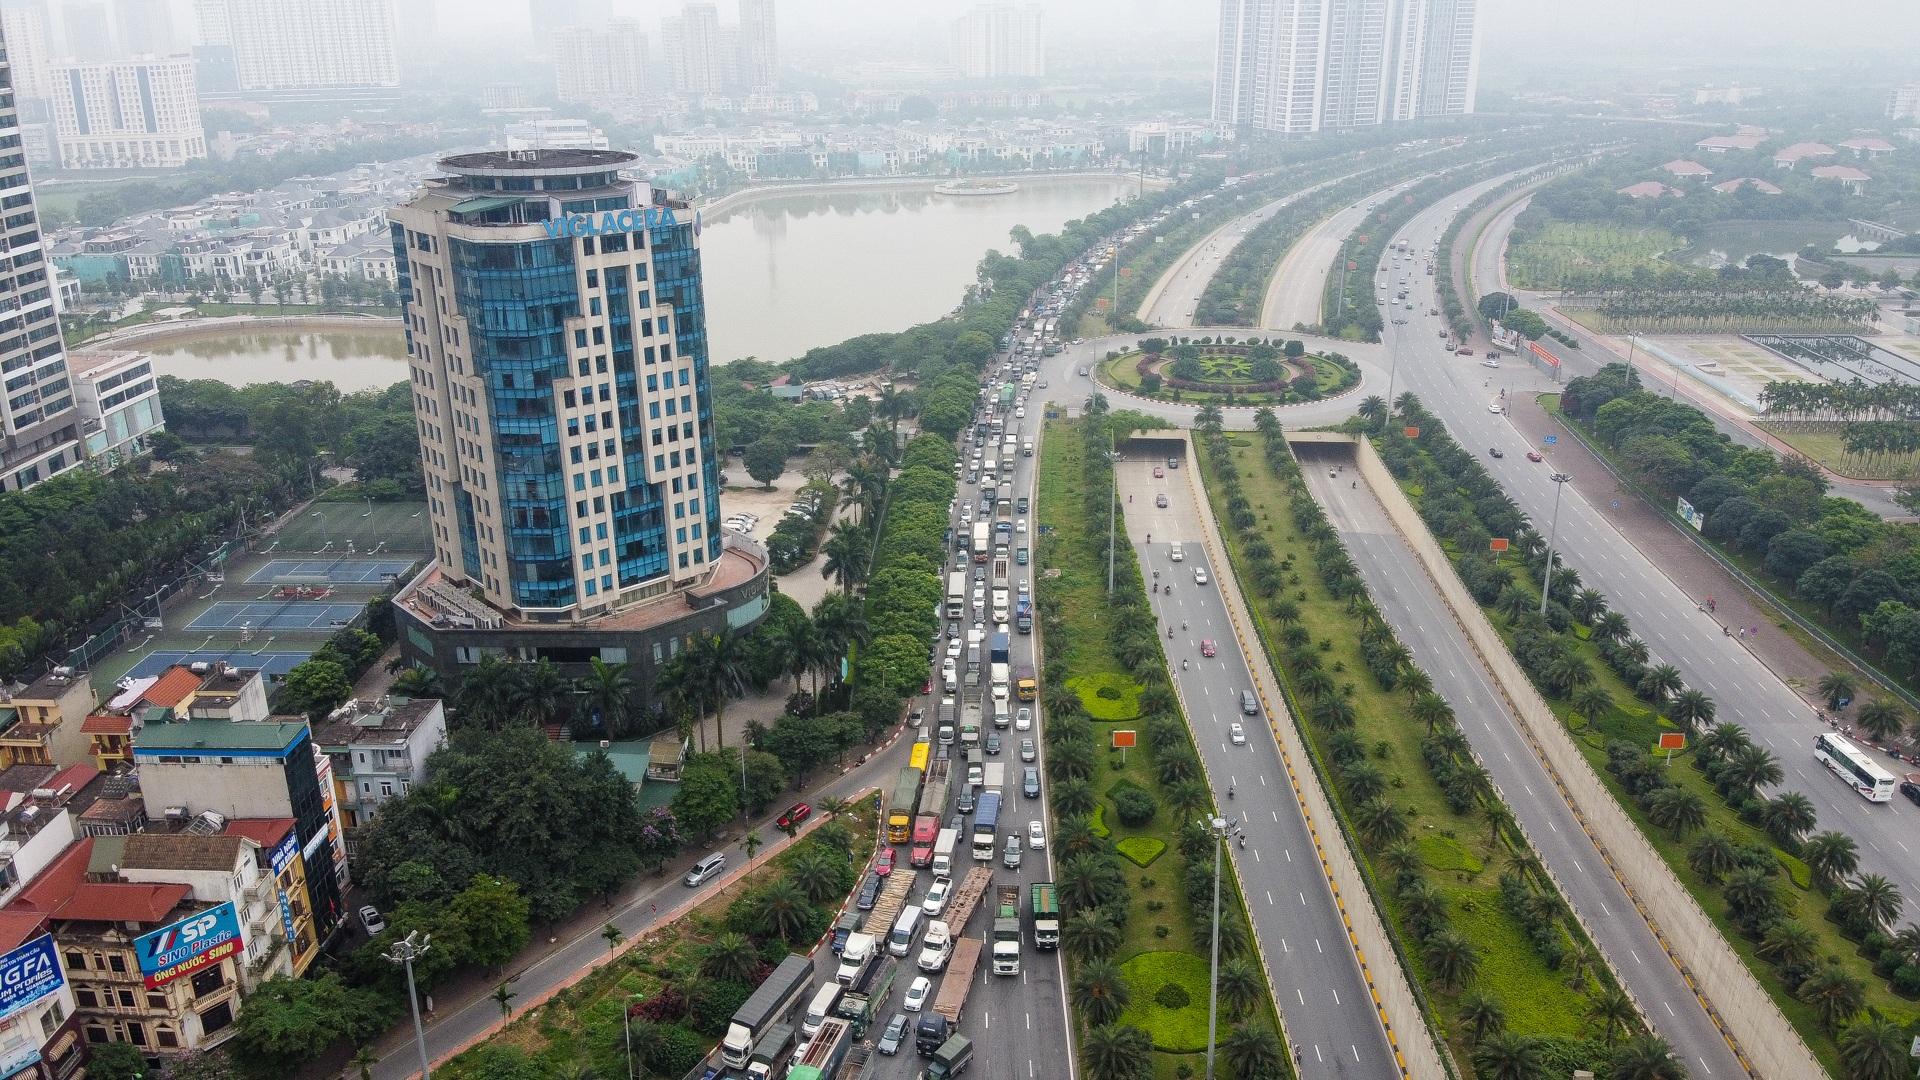 Hà Nội: Hình ảnh ô tô không lối thoát tại đường vành đai 3 trên cao - 5